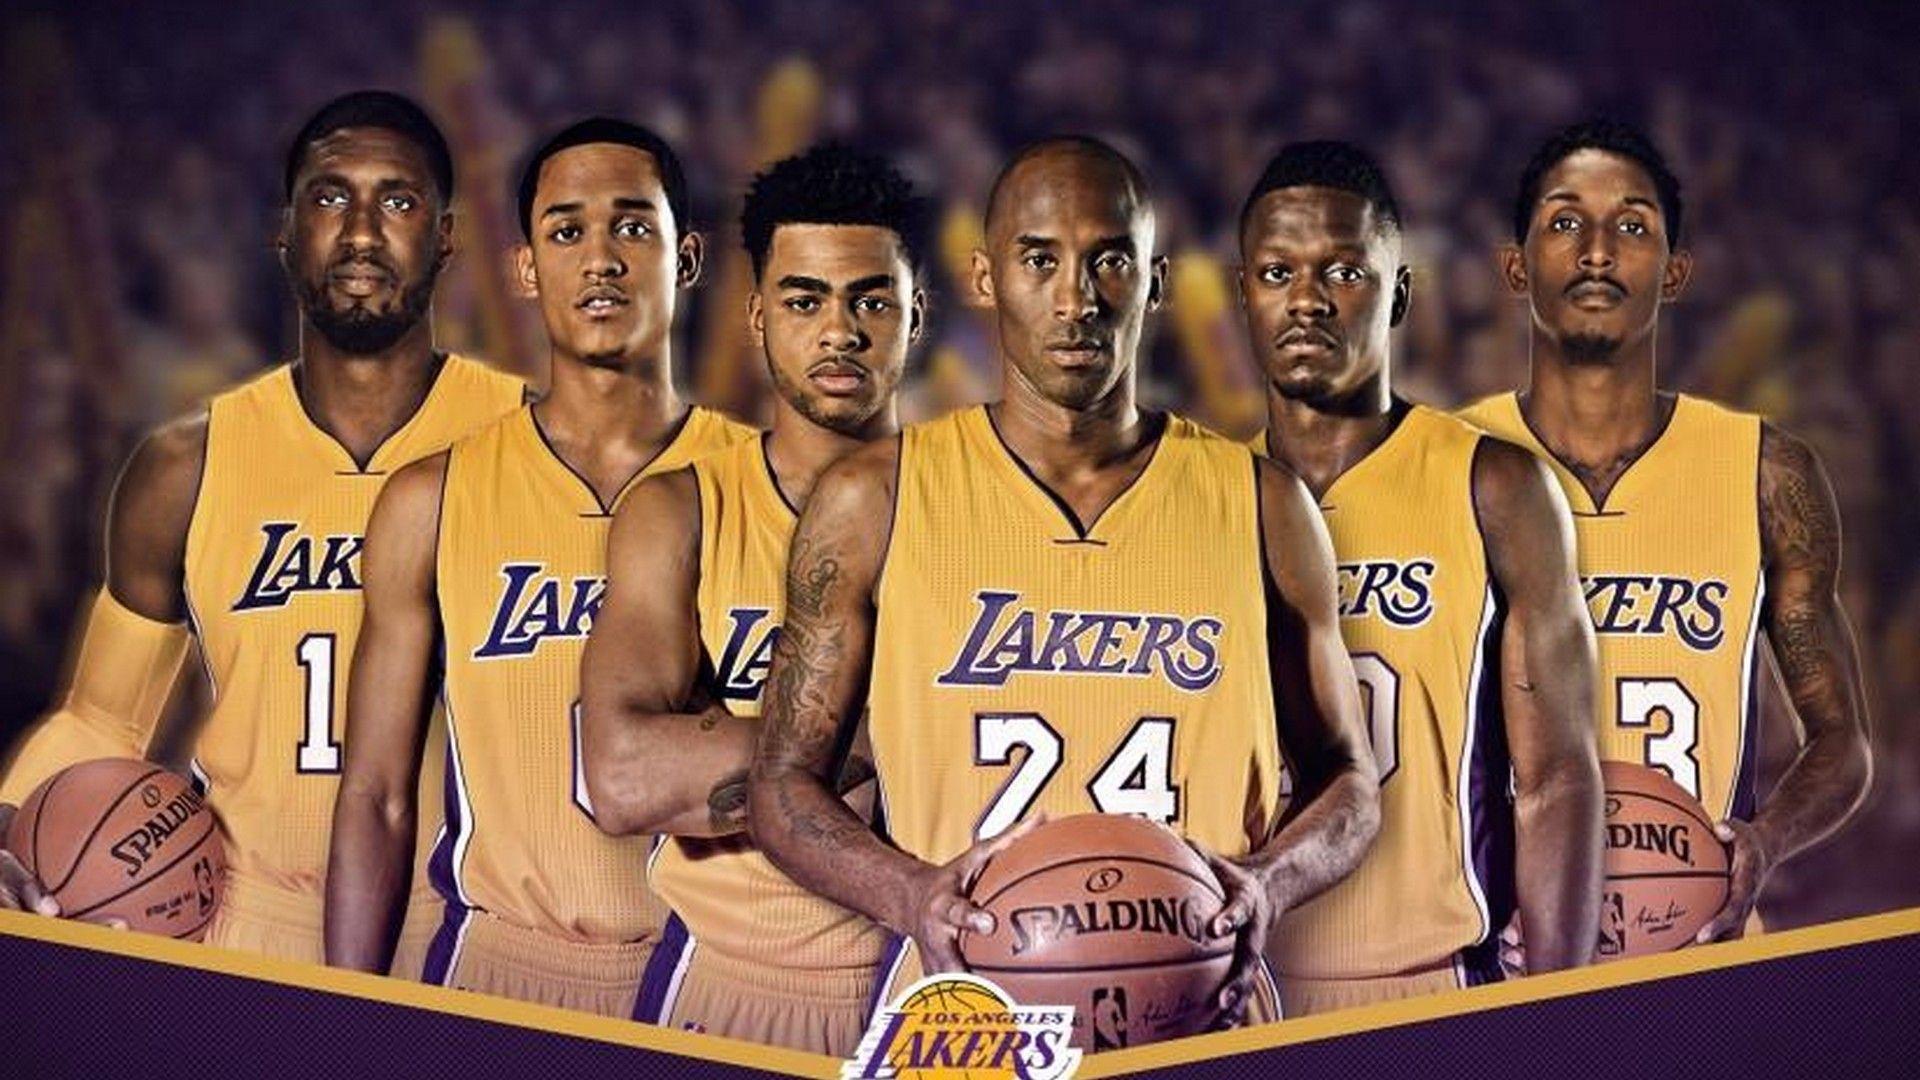 La Lakers For Mac Wallpaper Lakers Wallpaper Lakers La Lakers